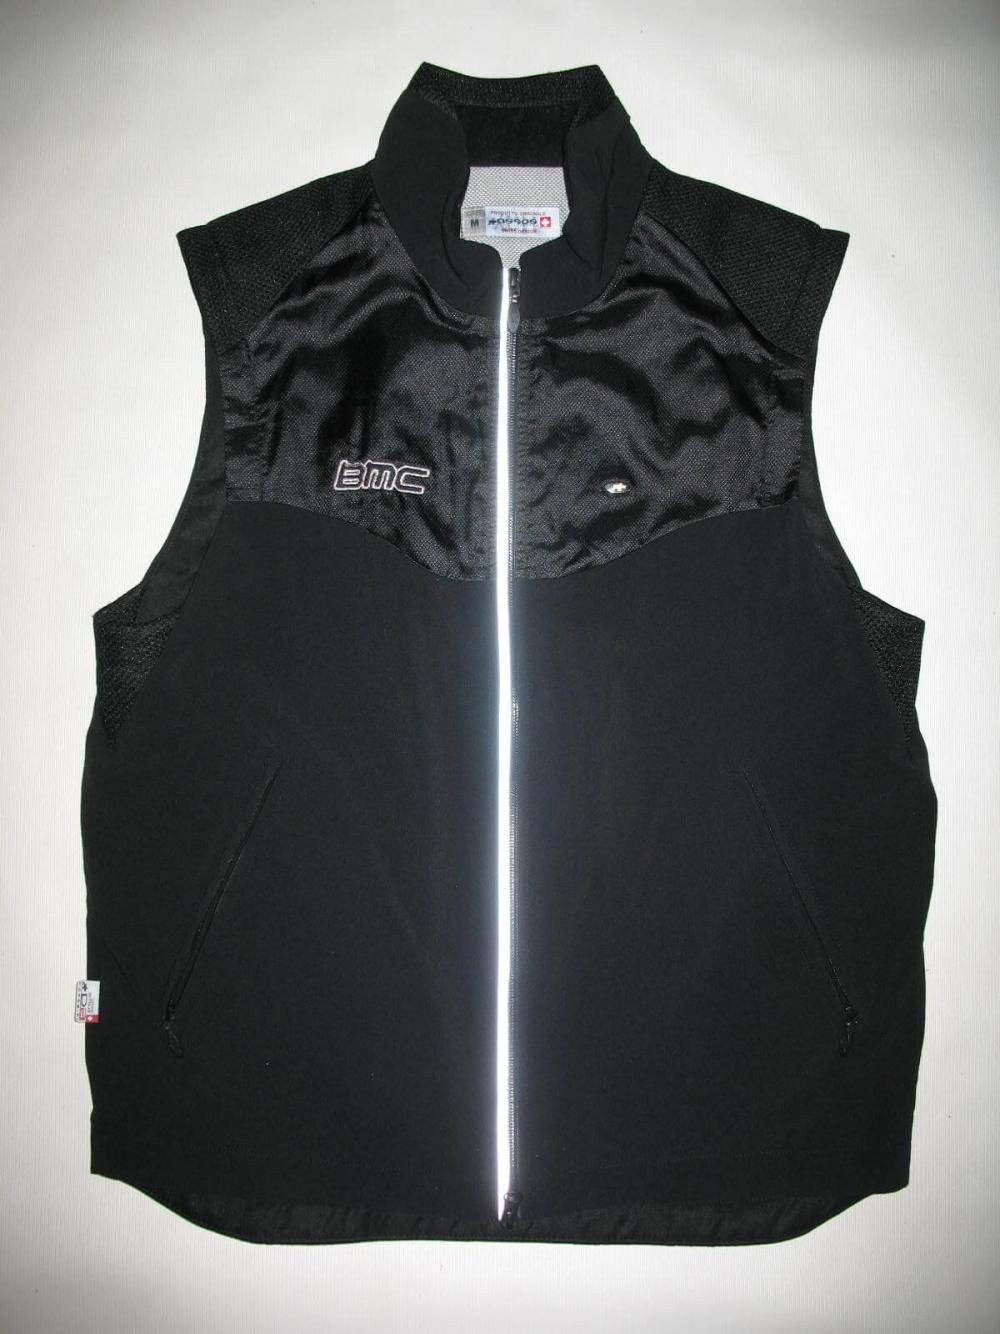 Жилет ASSOS bmc dopo bici DB8 insulator vest (размер M) - 1